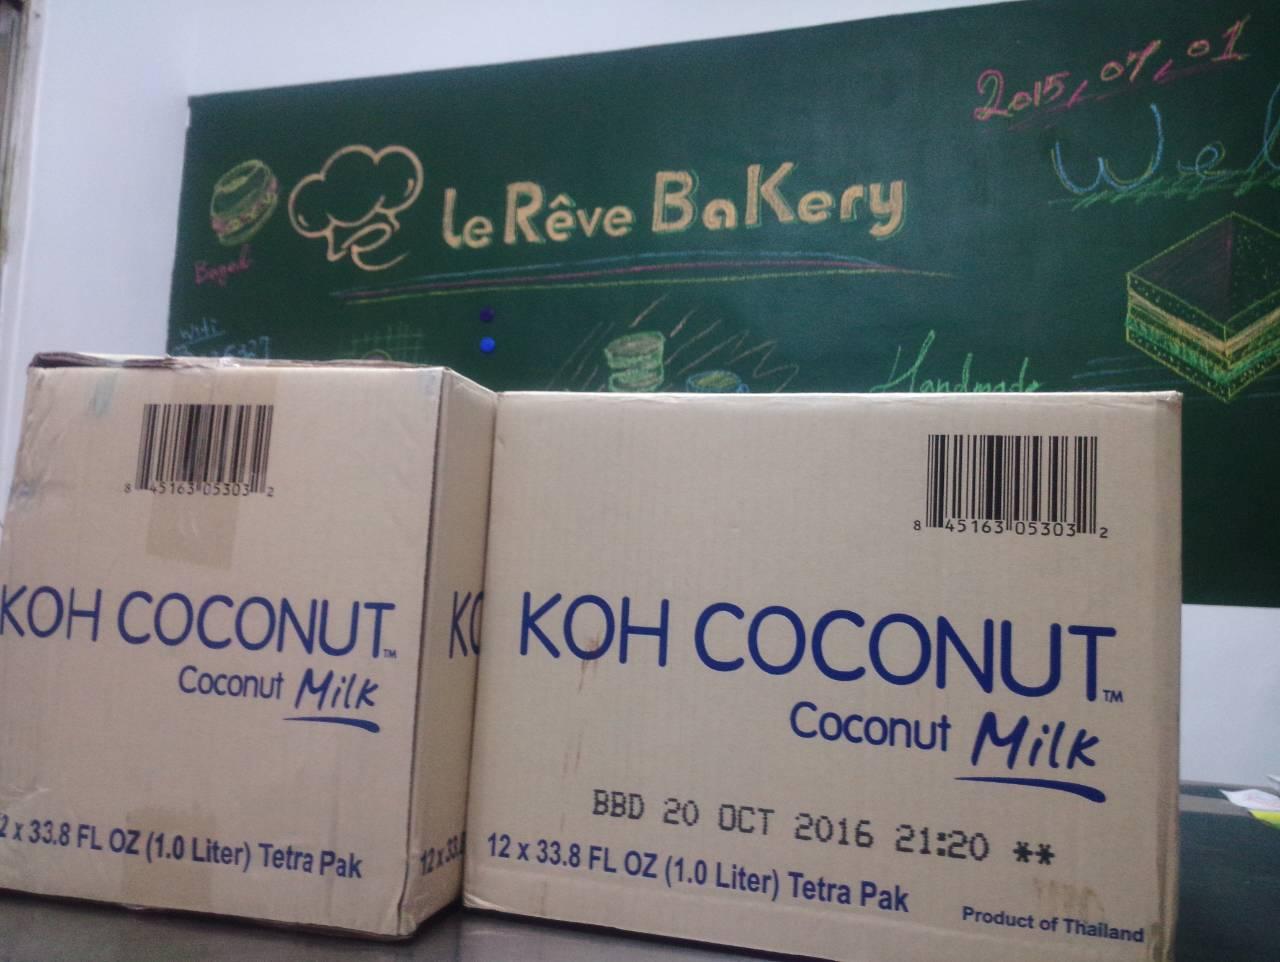 【團購現貨供應】KOH 泰國進口無防腐劑天然椰奶 - 一公升★ 利樂包包裝★ 85折優惠